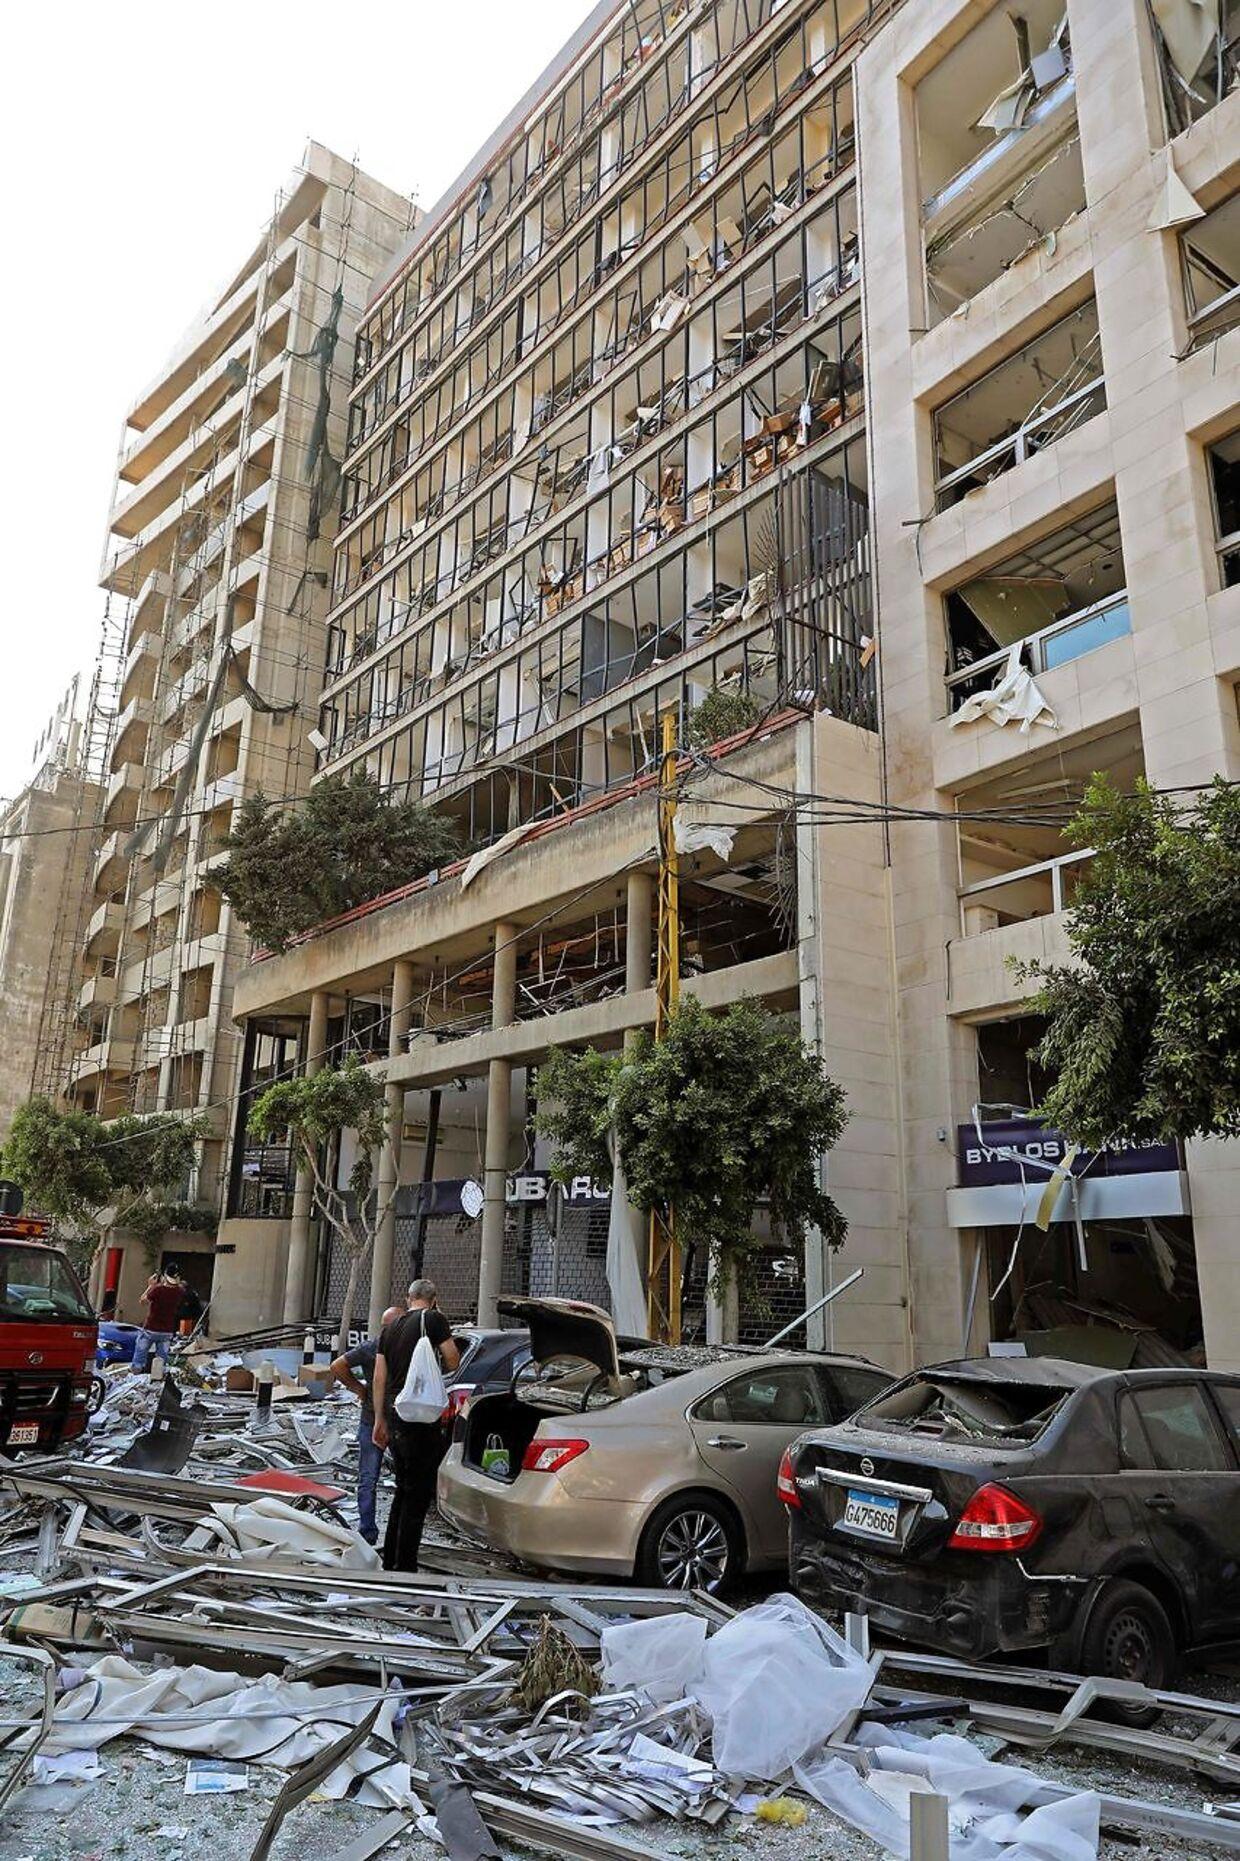 Trykbølgen fra eksplosionerne har ødelagt bygninger mange kilometer fra epicenteret. AFP.